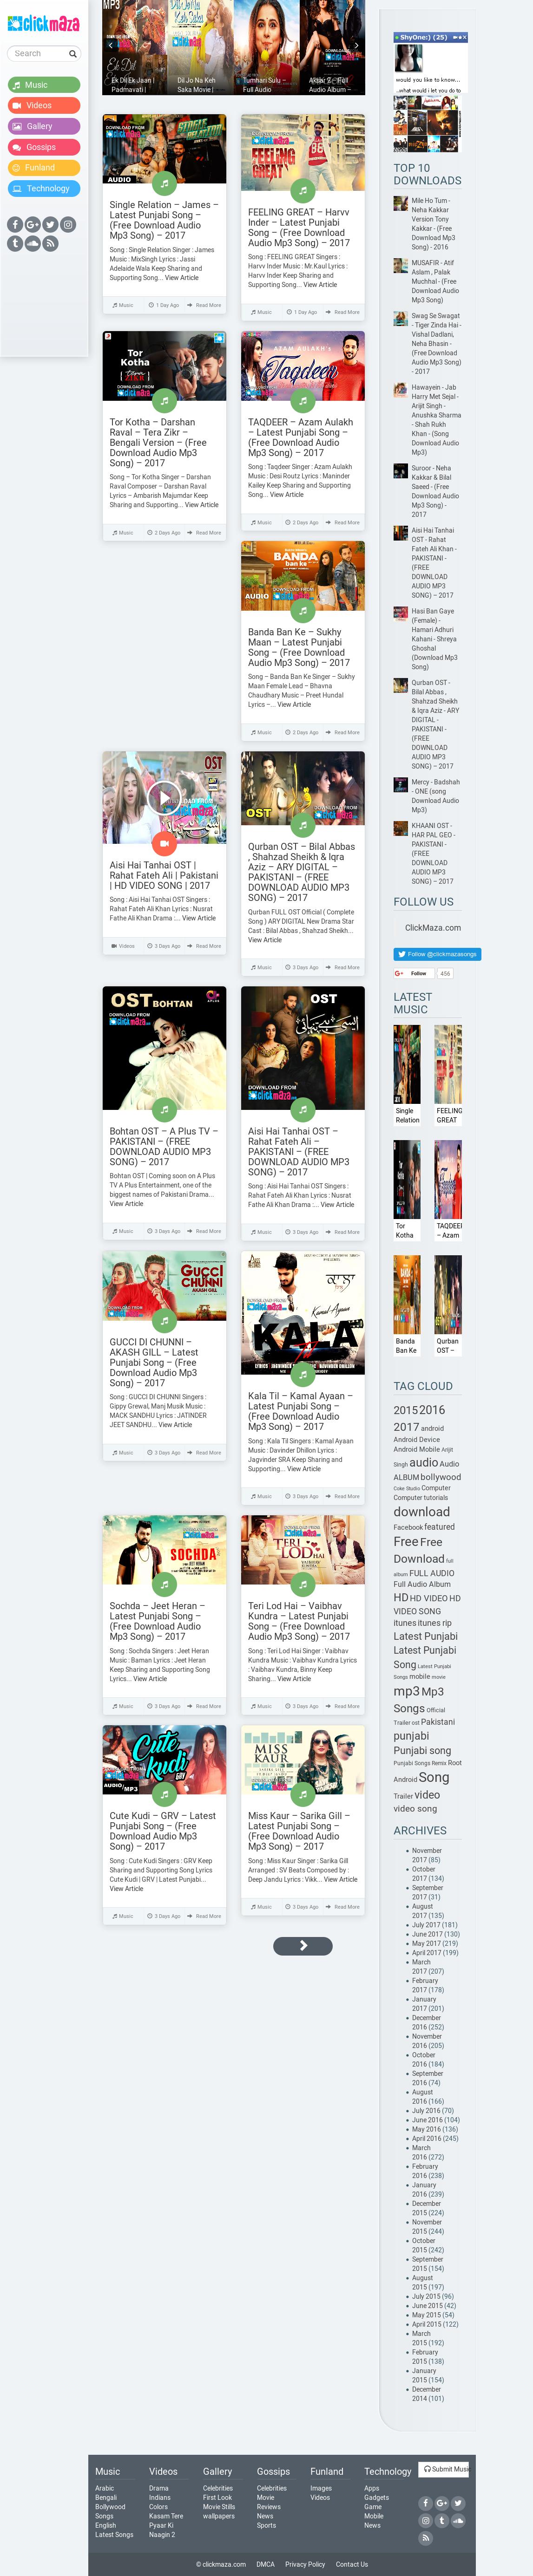 mp3 songs free download pakistani punjabi